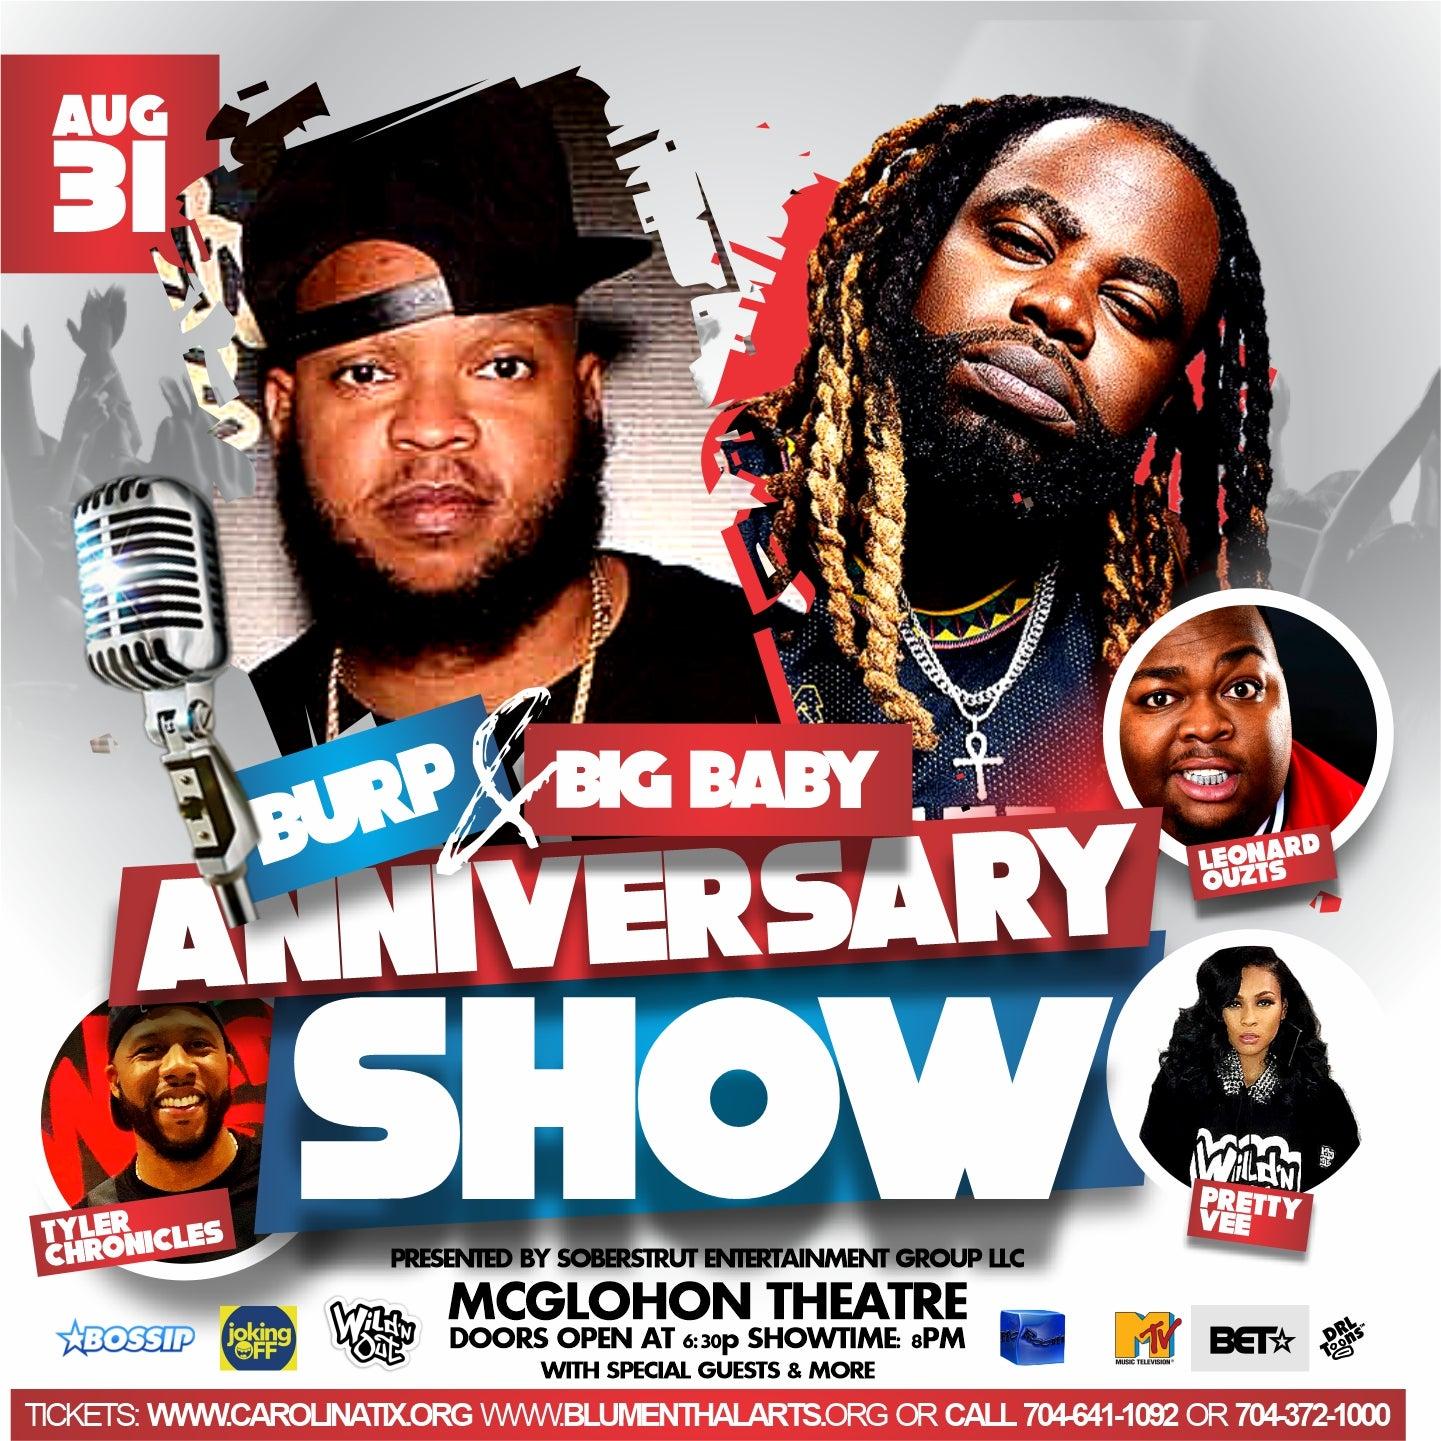 Burp and Big Baby Anniversary Show